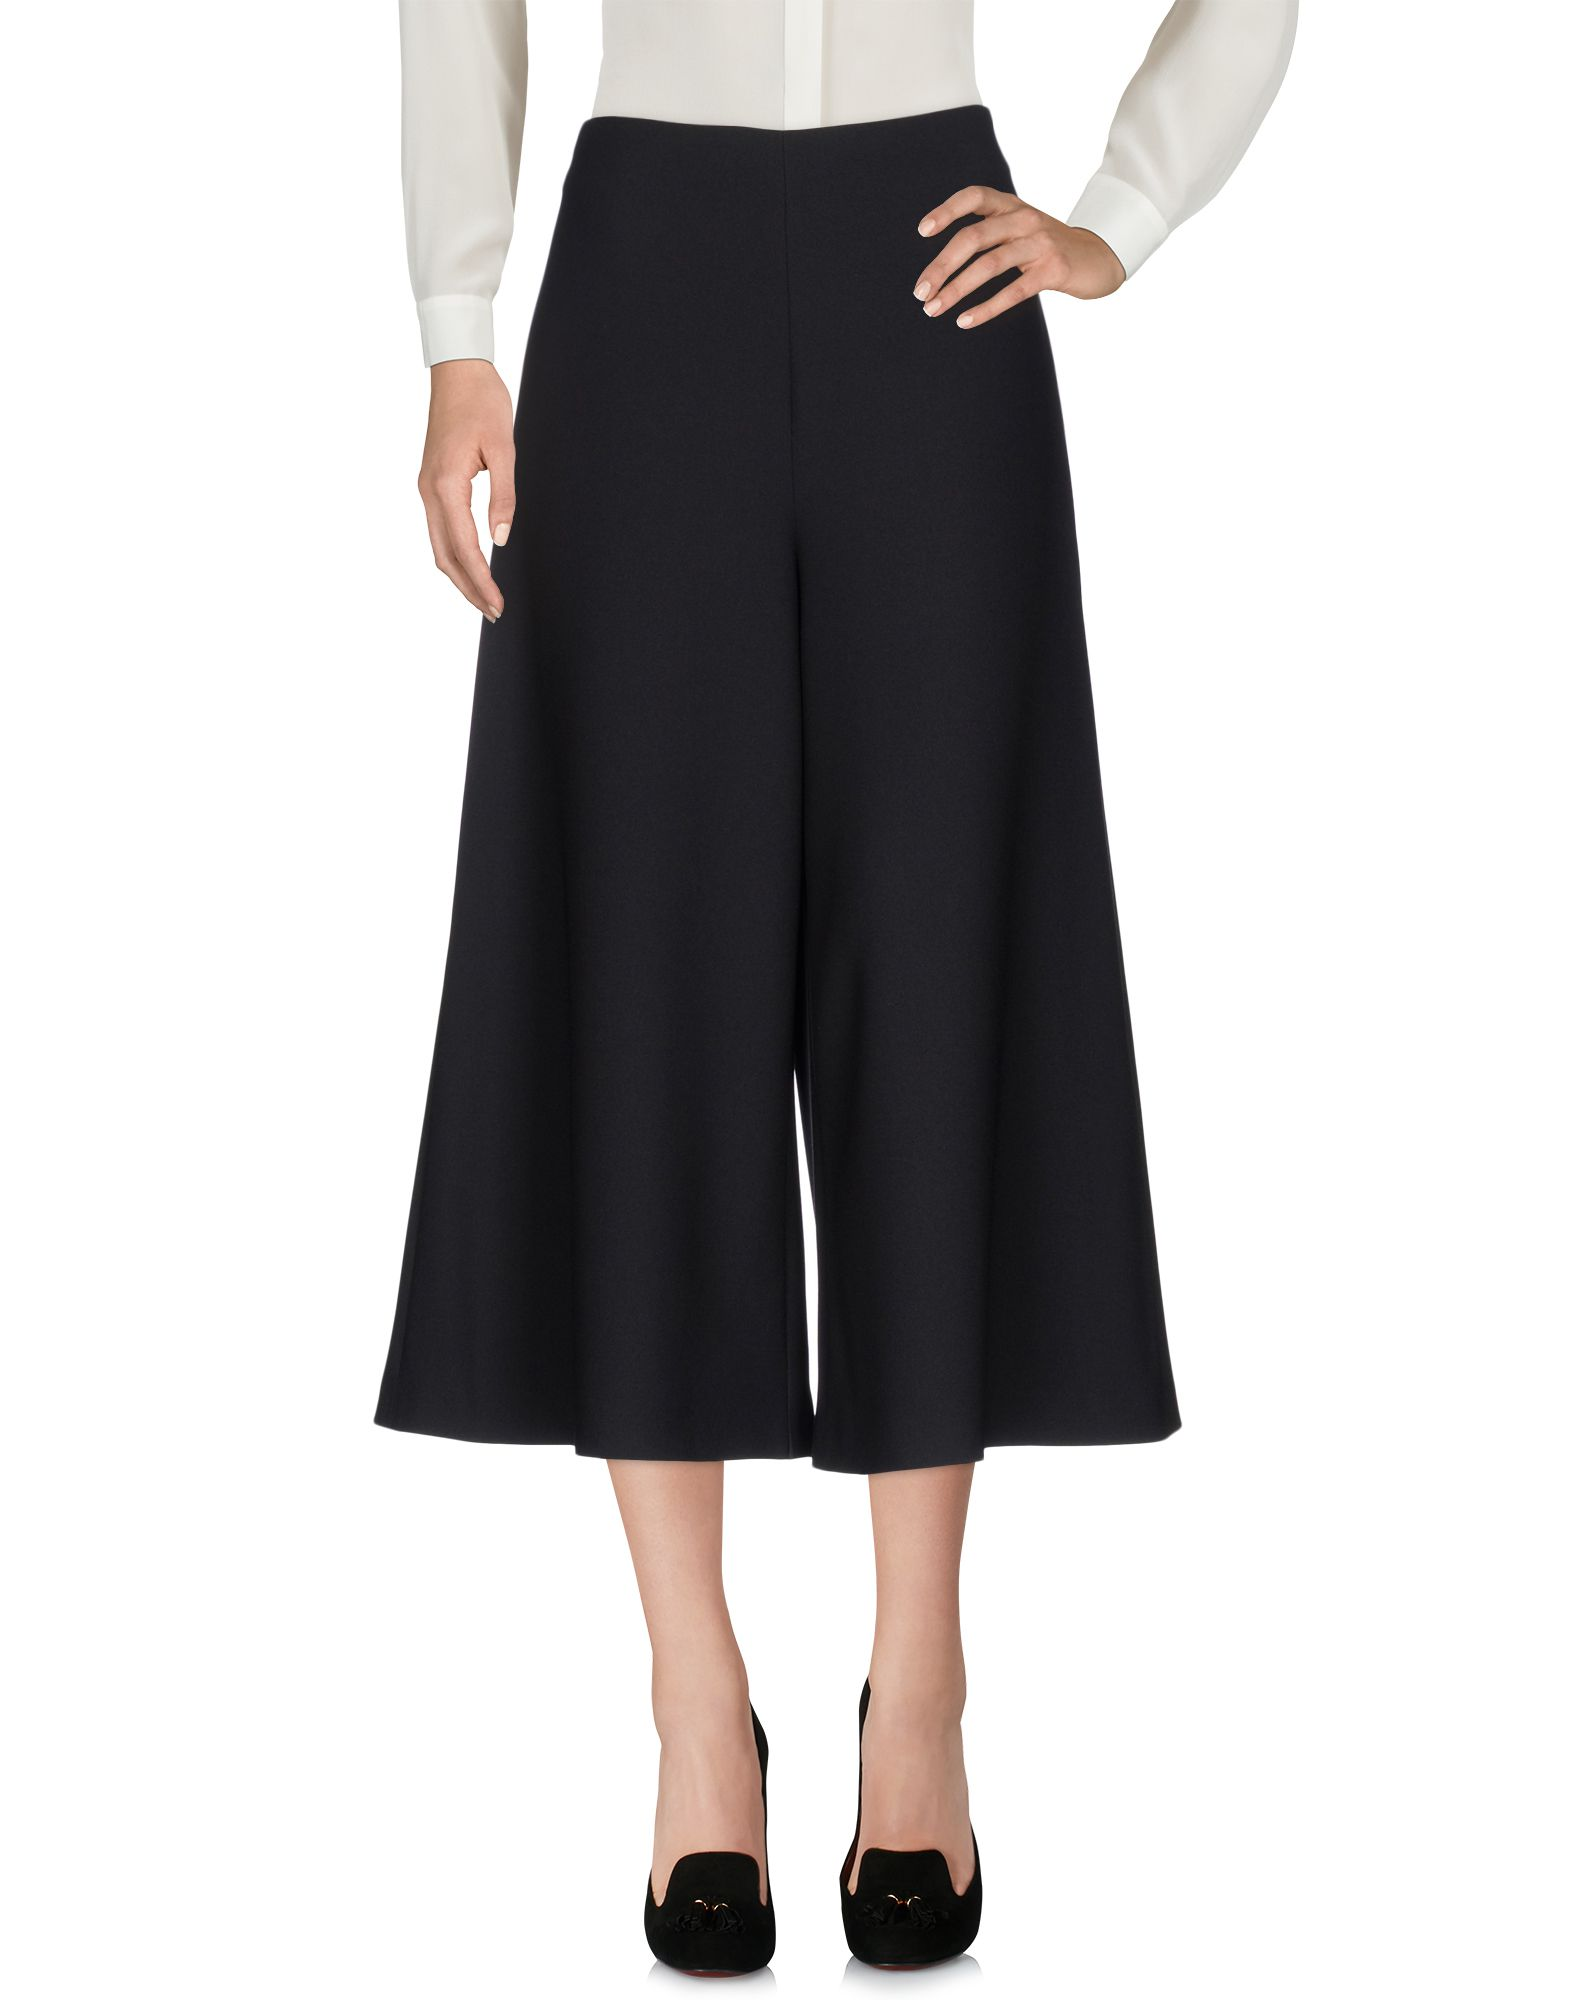 Mantu FemmesAcheter Classiques En À Pantalons Ligne f7bgyY6